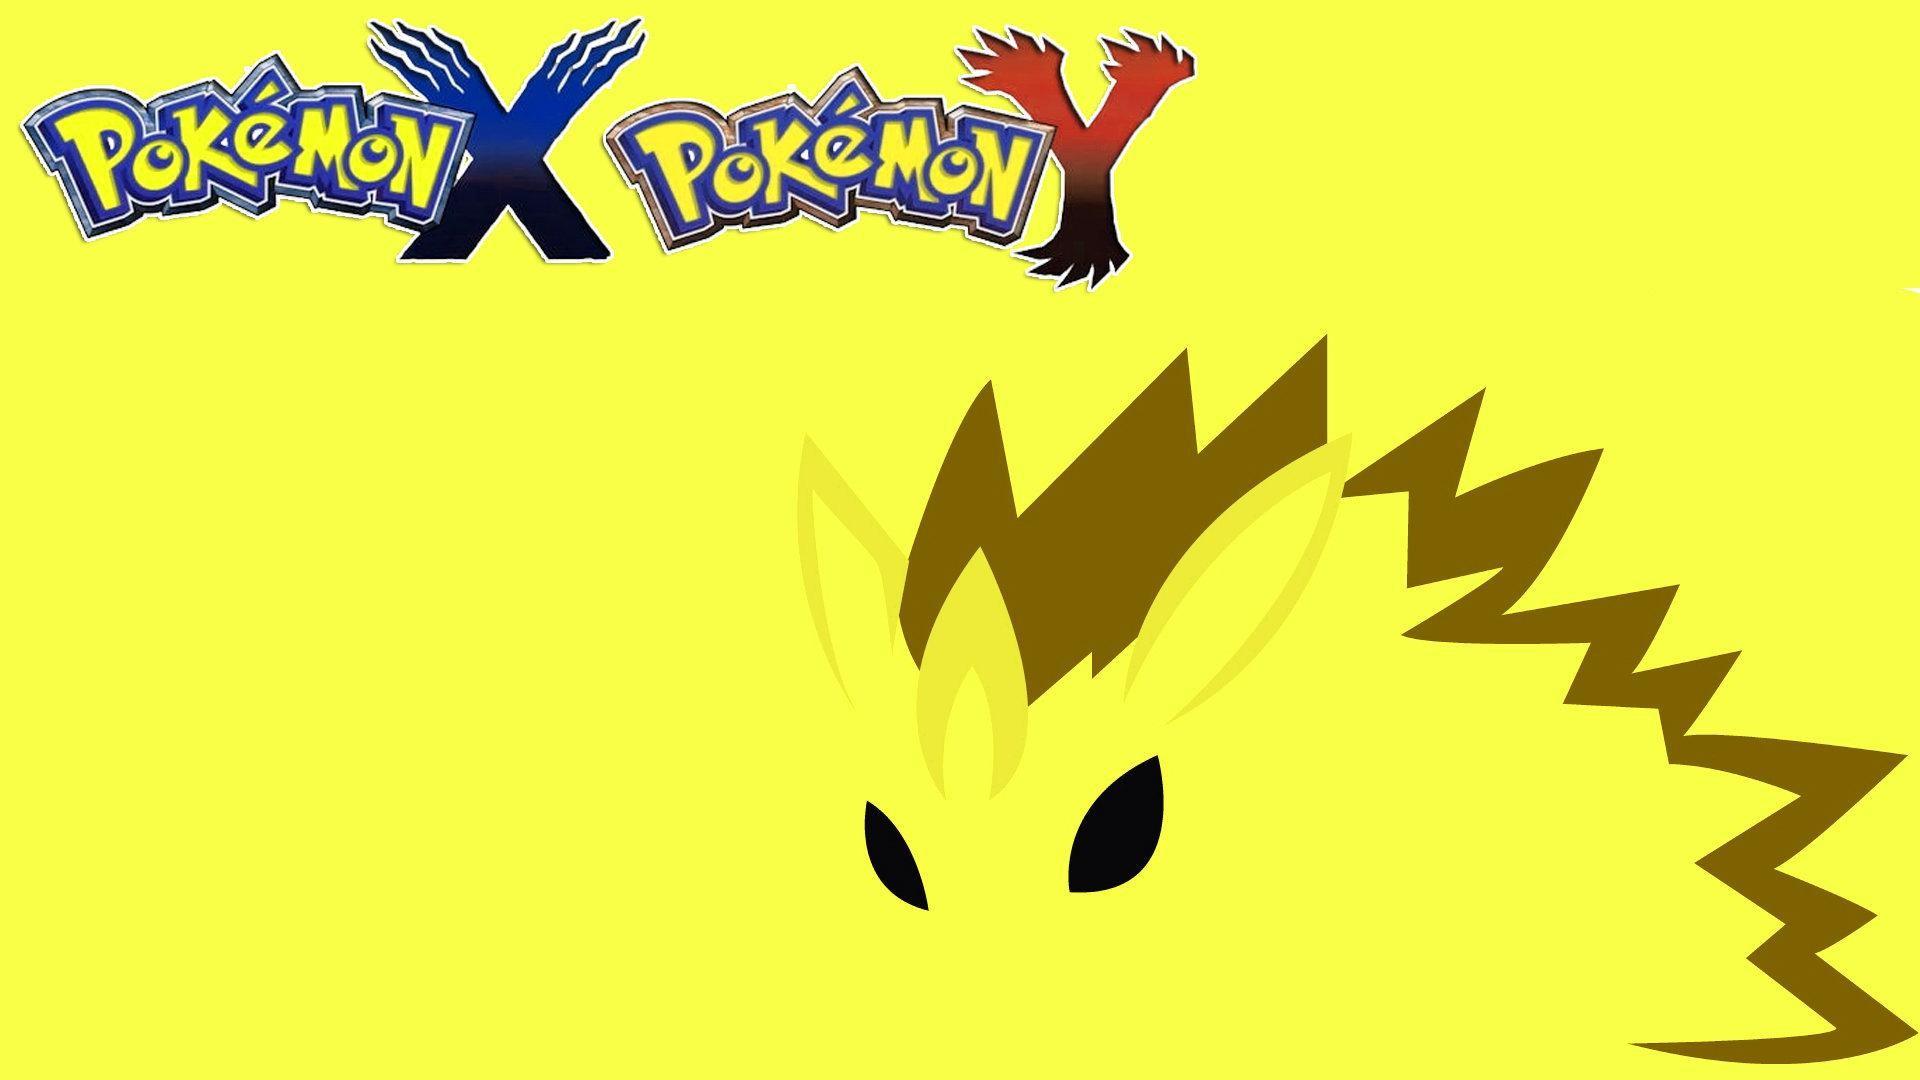 Pokémon X Y Yellow Wallpaper HD